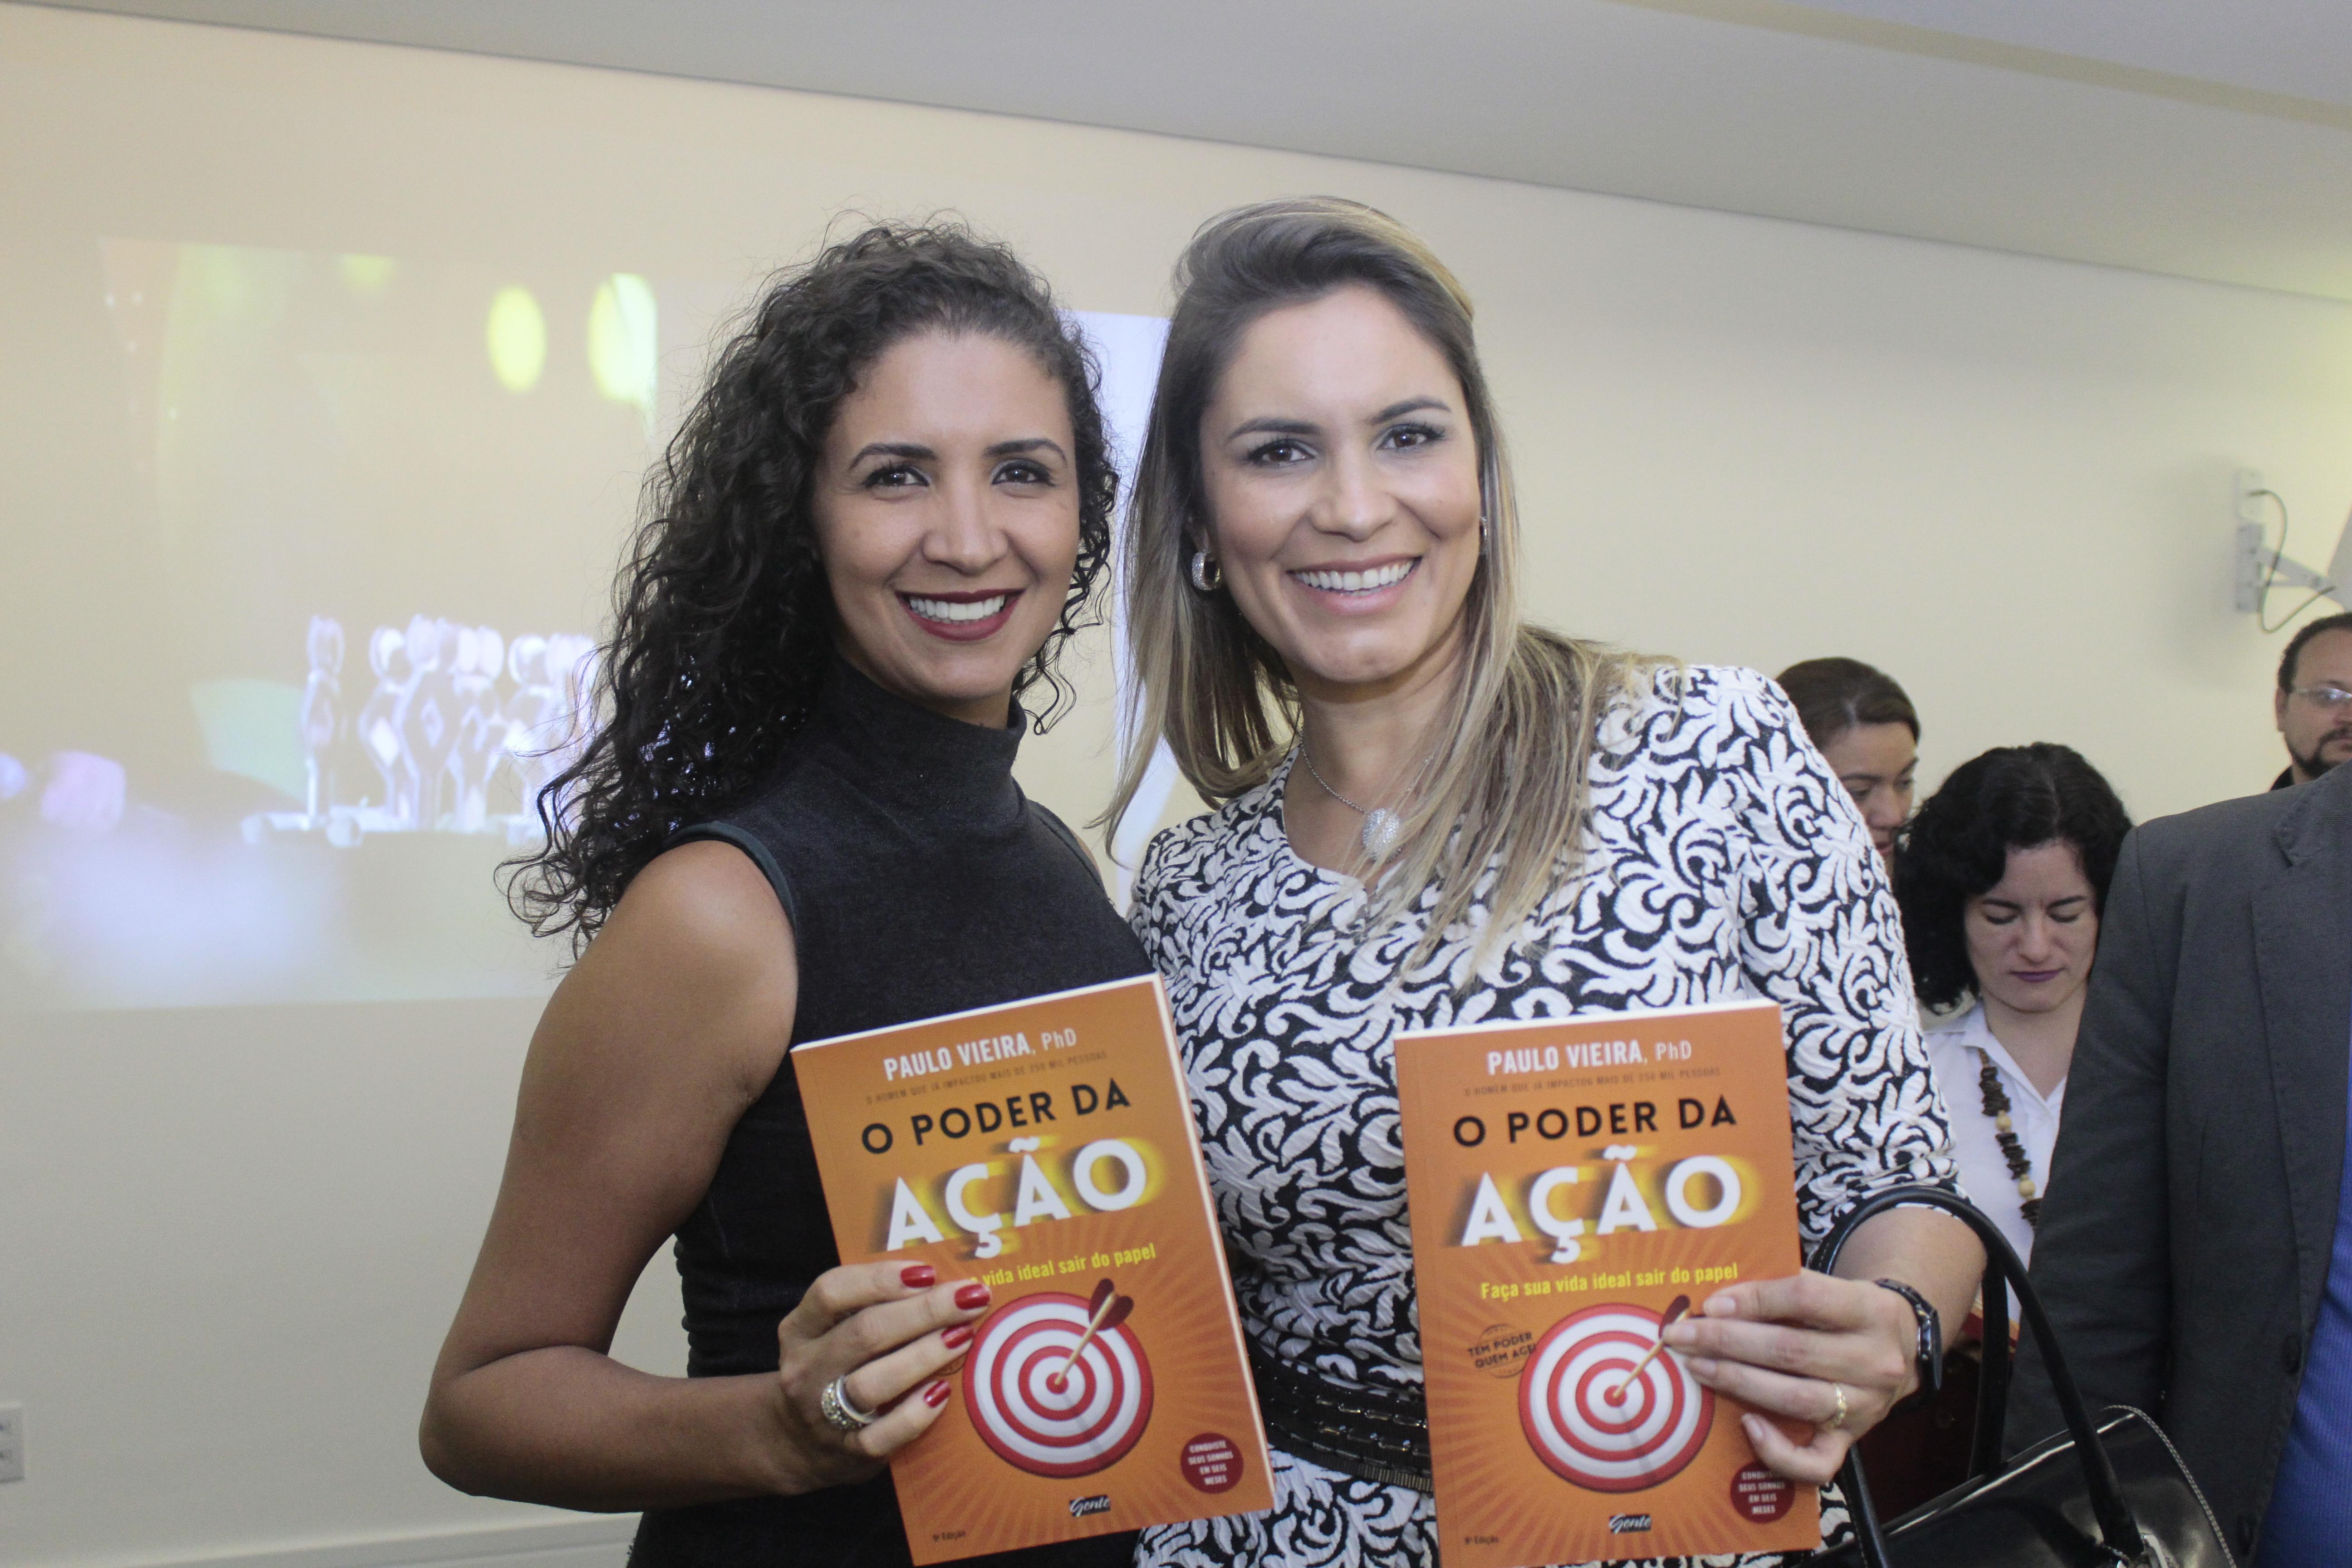 Kelly Coimbra, Aline caindra,